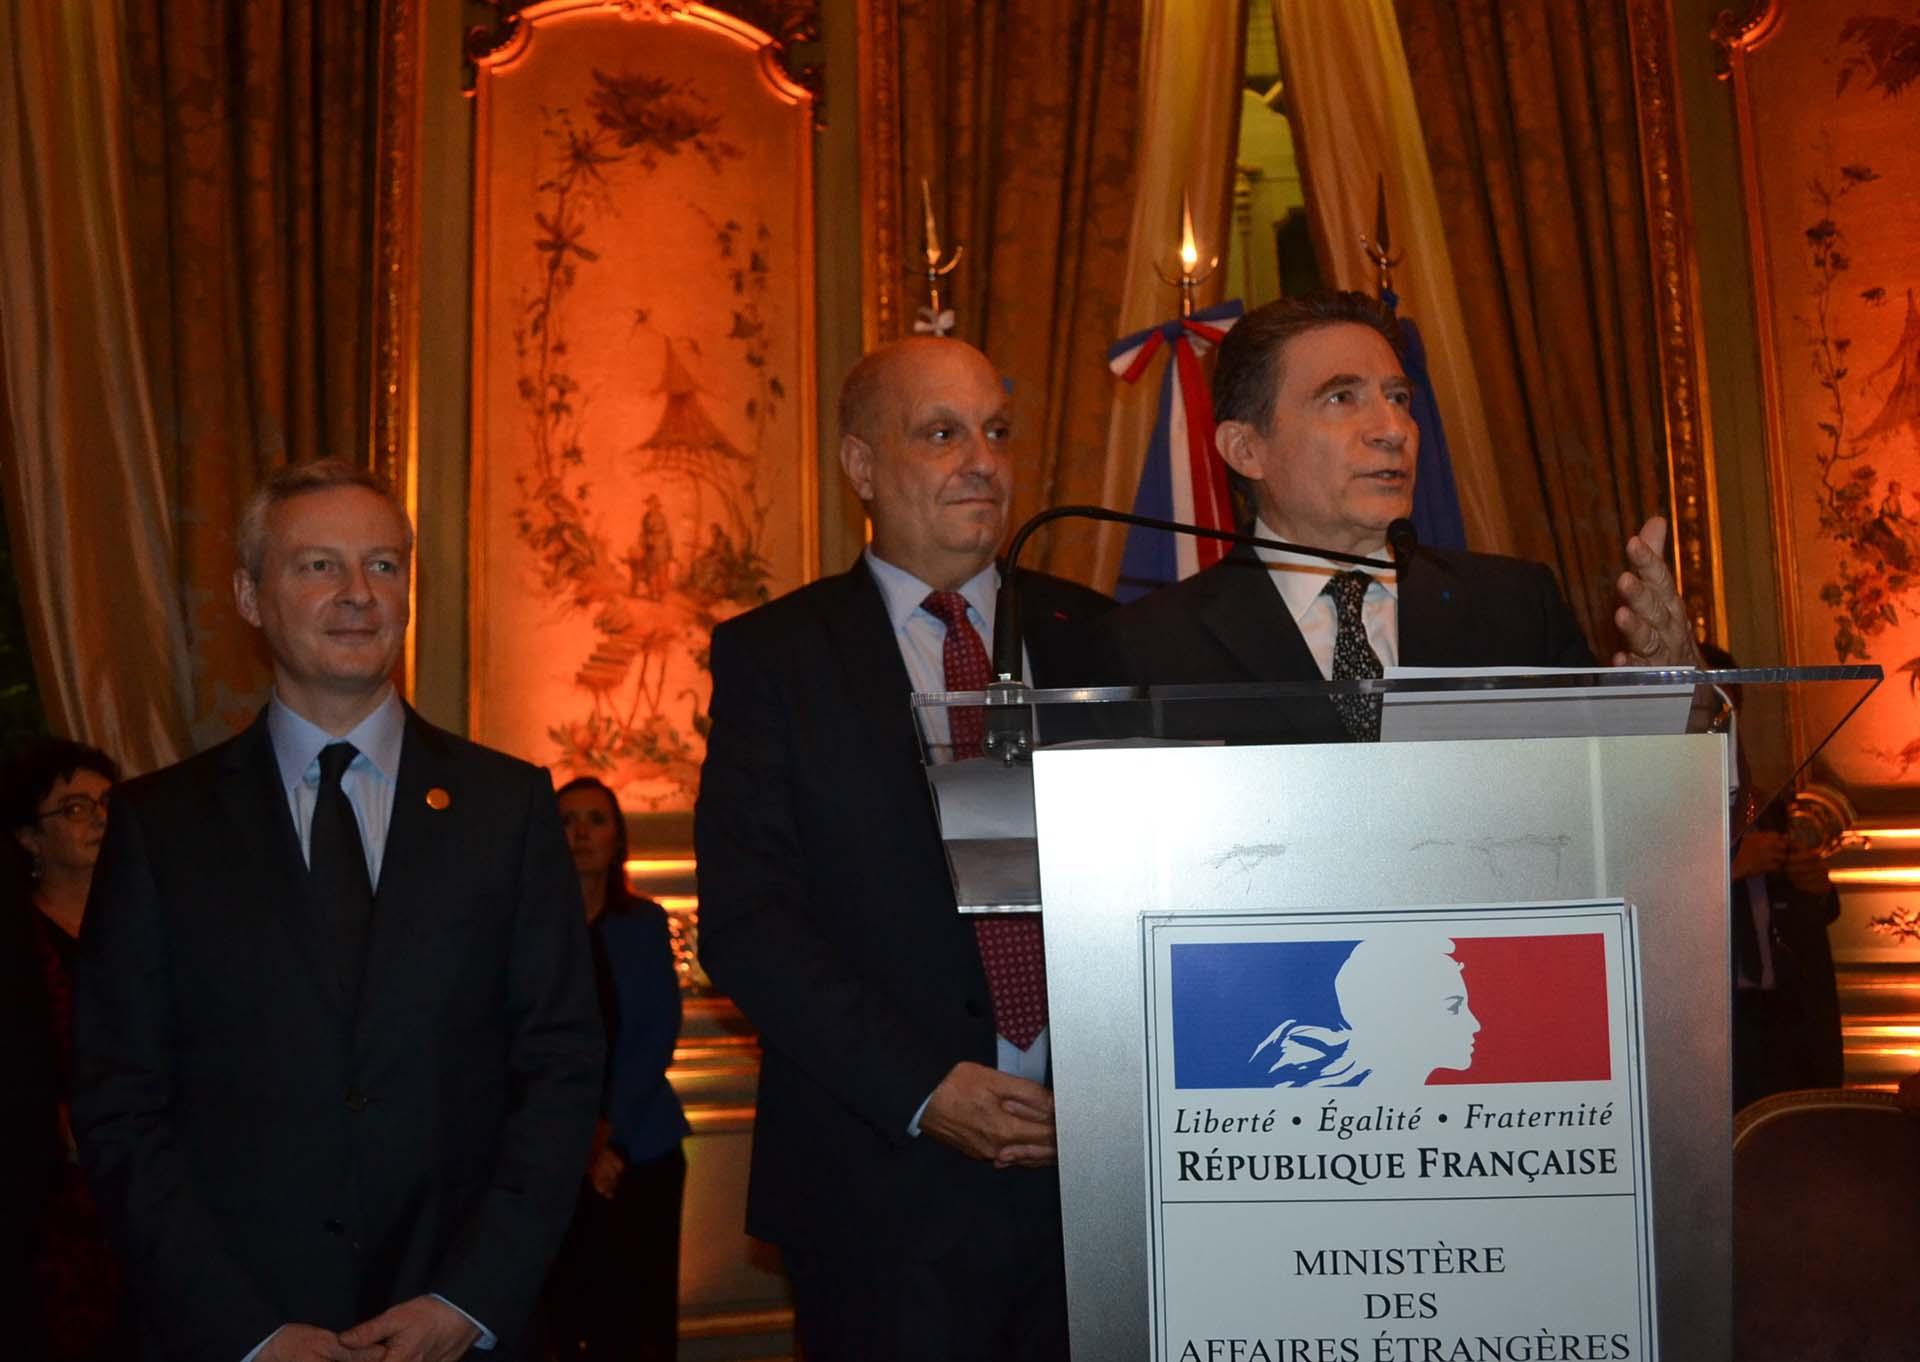 El embajador de Francia, Pierre-Henri Guignard, da la bienvenida a los invitados a la recepción en honor a Bruno Le Maire (a la izquierda en la foto), ministro de Finanzas de Francia, presente en nuestro país para participar de la Cumbre de ministros de Finanzas del G20